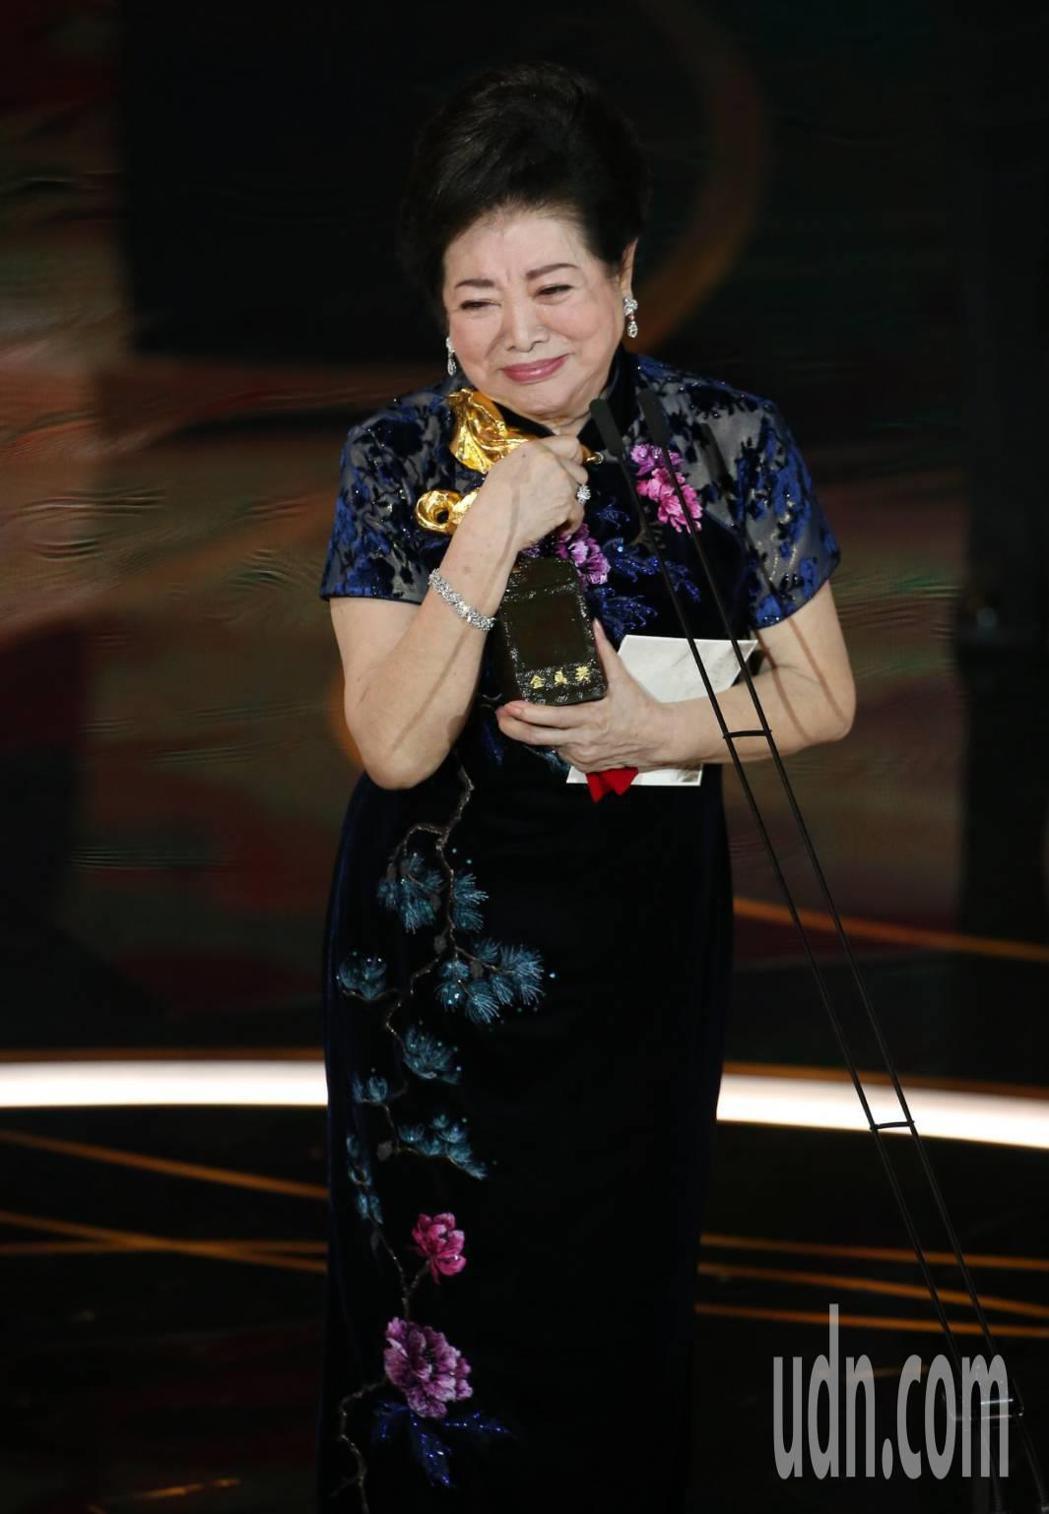 勇奪金馬雙料影后的陳淑芳破了紀錄,昨晚感動哭著領獎;她早年曾就讀蘭陽女中初中部,